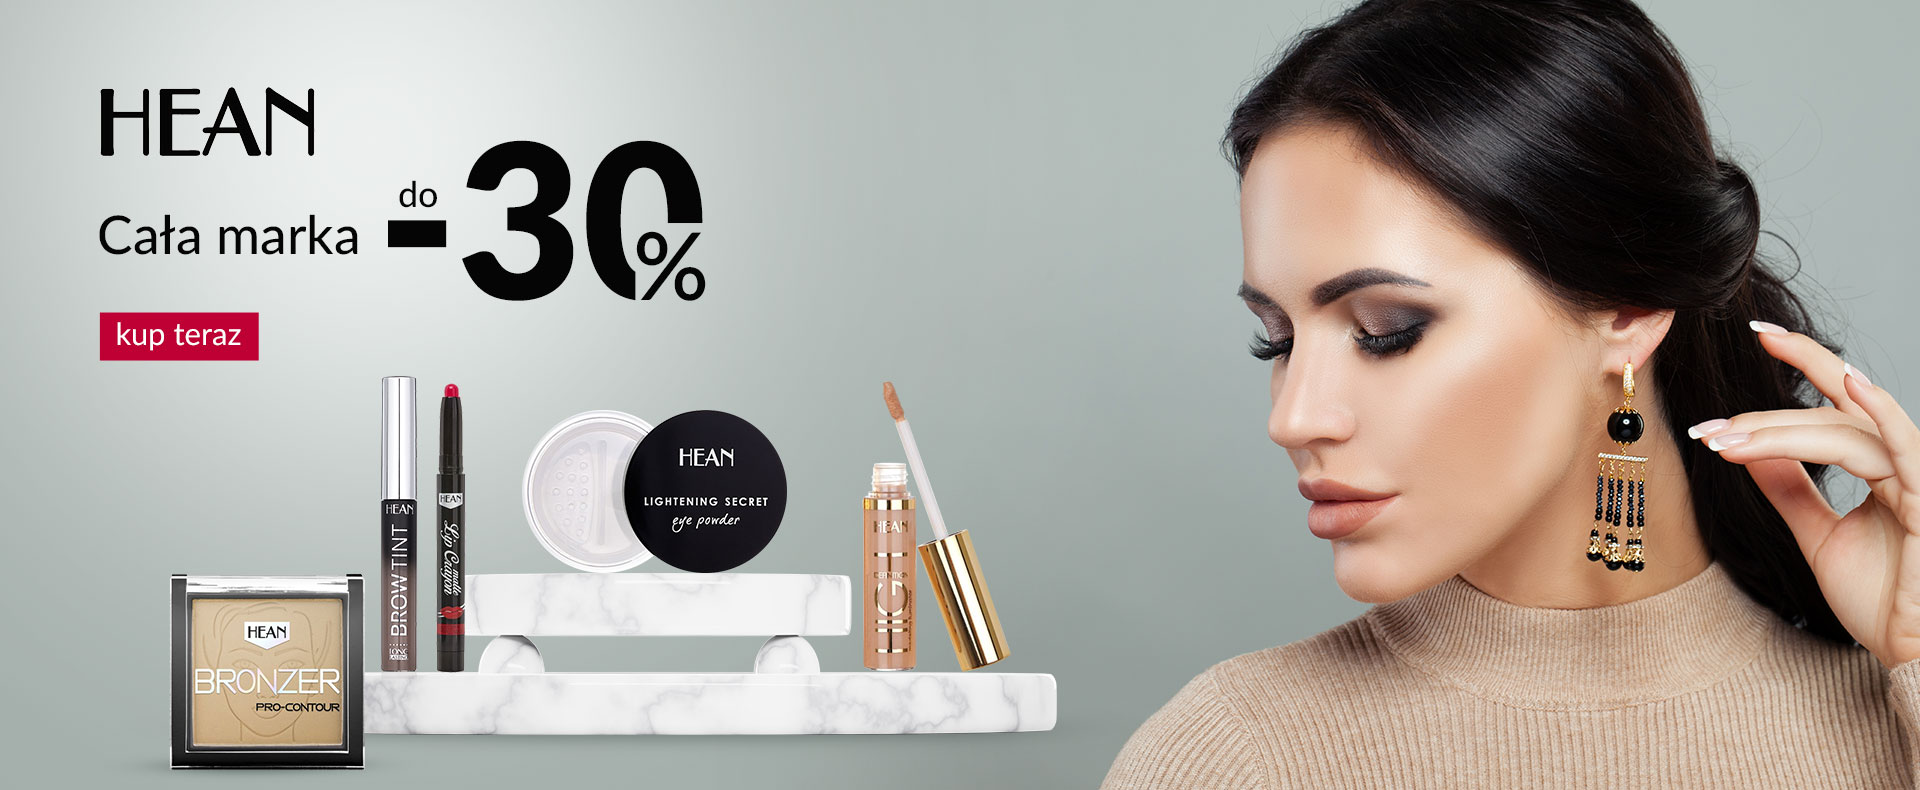 Ezebra: do 30% rabatu na kosmetyki marki Hean